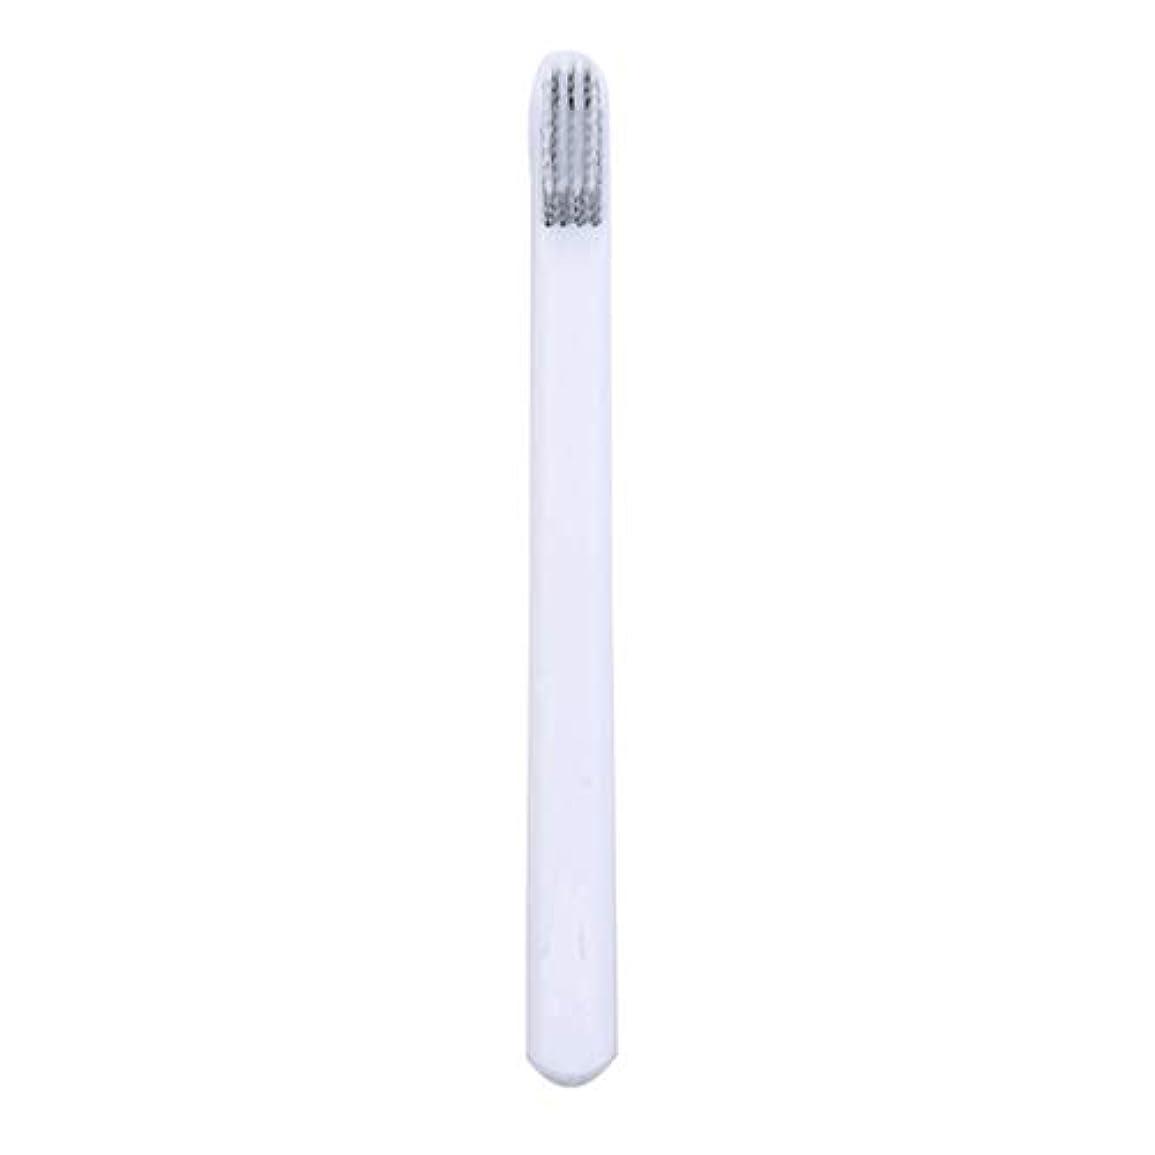 レンドパプアニューギニアたぶんUnderleaf 大人のためのカップルの歯ブラシの柔らかい歯ブラシEcoの友好的で柔らかいブラシのヘッドタケ歯ブラシ、白